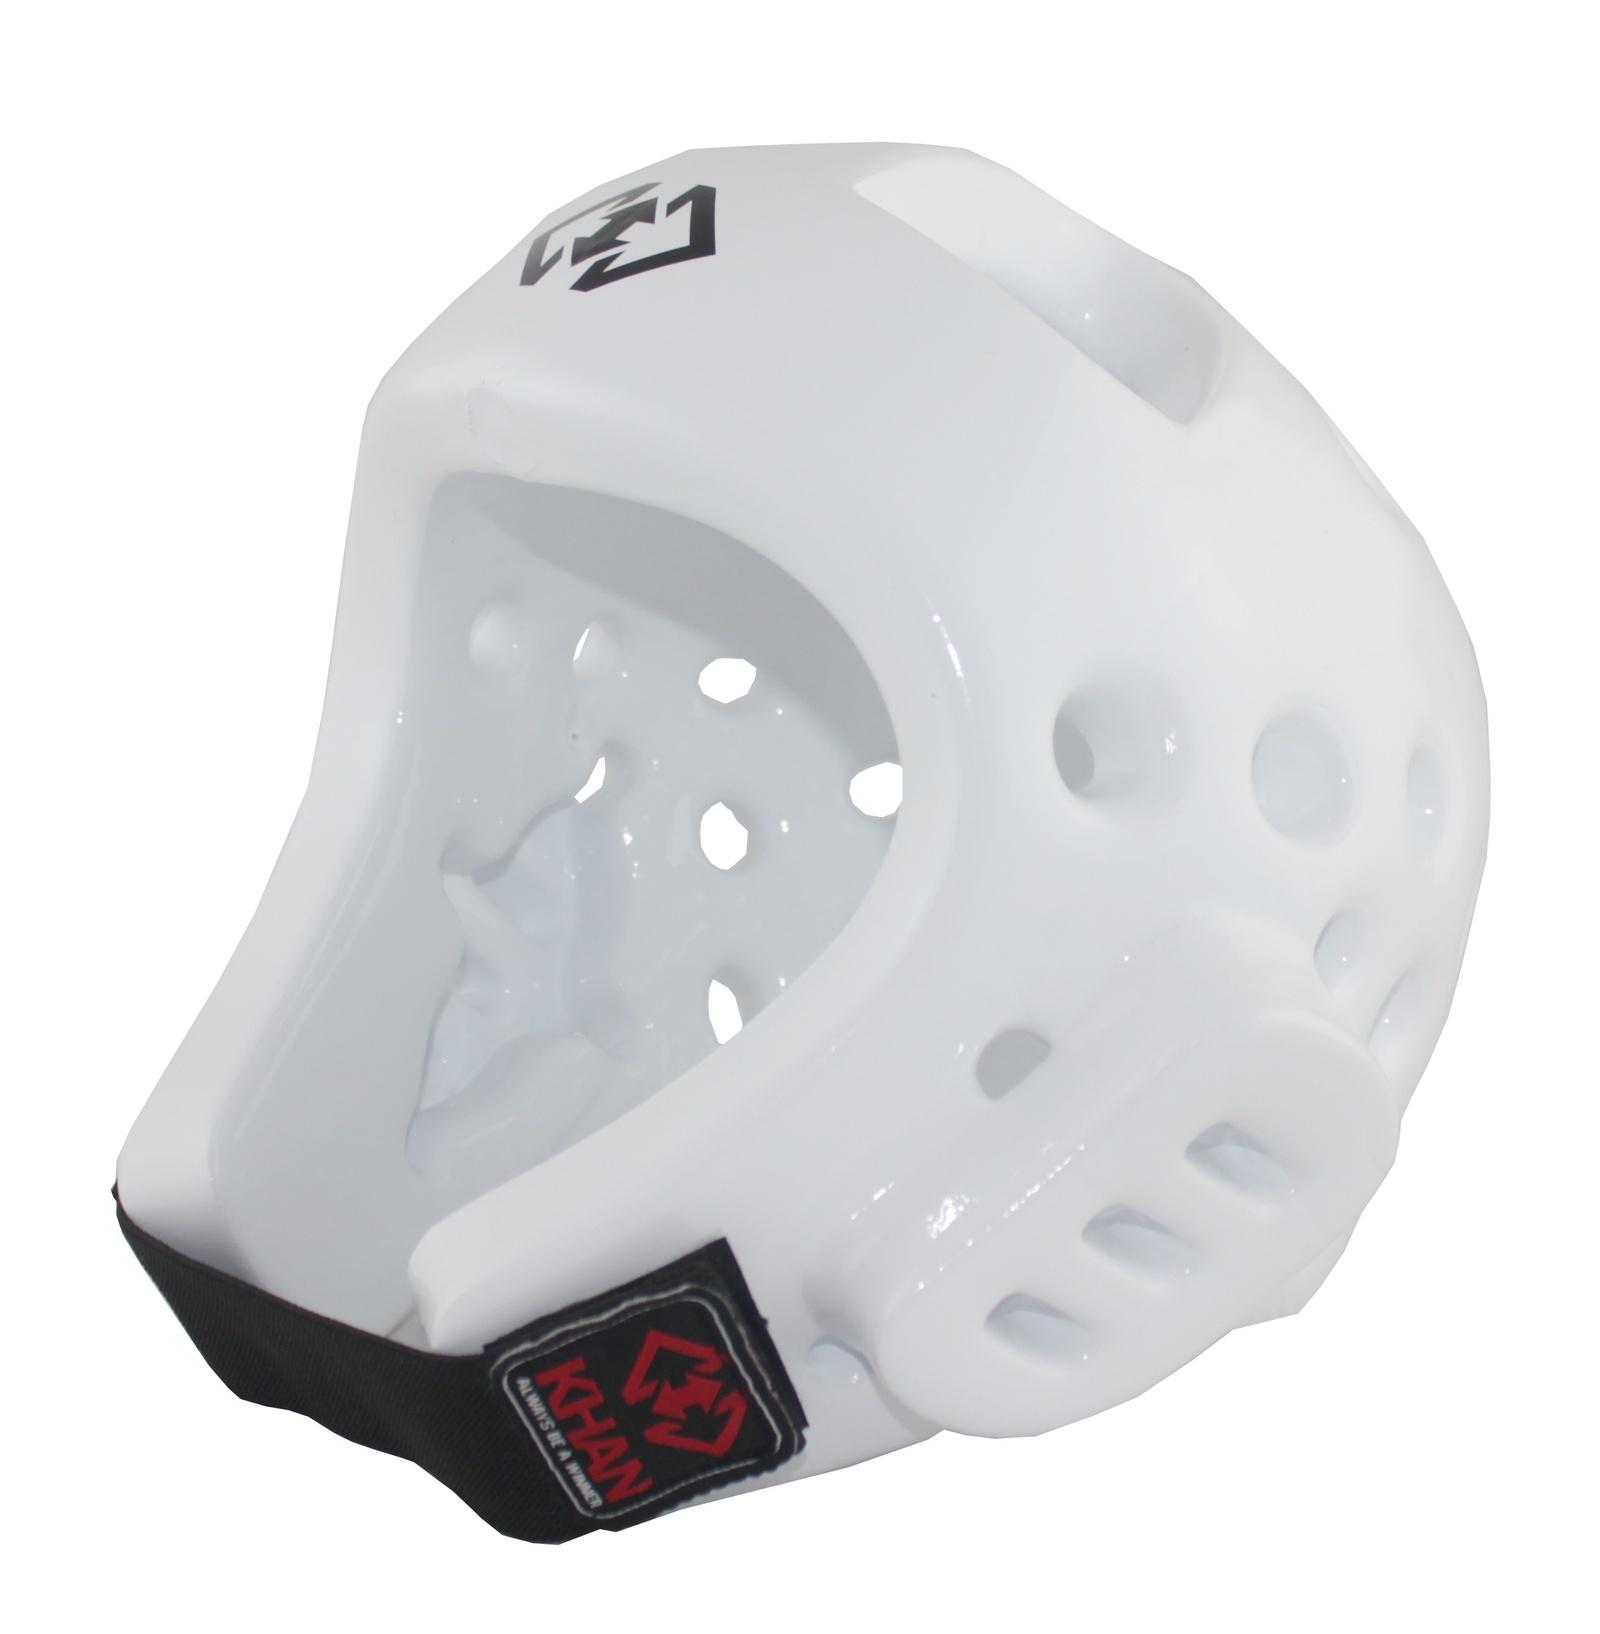 Защита головы (шлем) Khan Club белый, цвет: белый. E1106801_1. Размер XS цена и фото